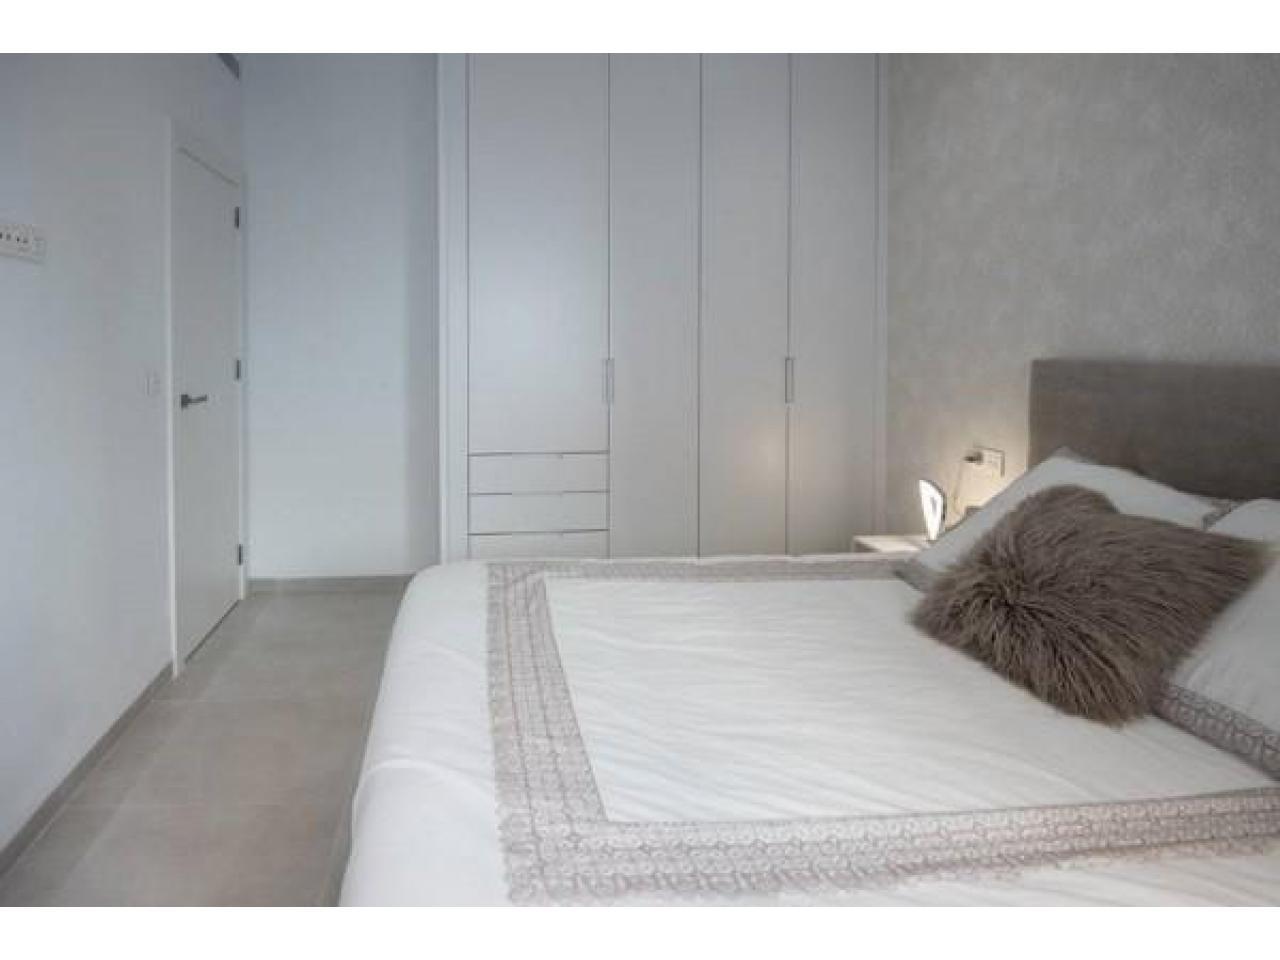 Недвижимость в Испании, Новая вилла рядом с пляжем от застройщика в Сан-Хавьер - 7